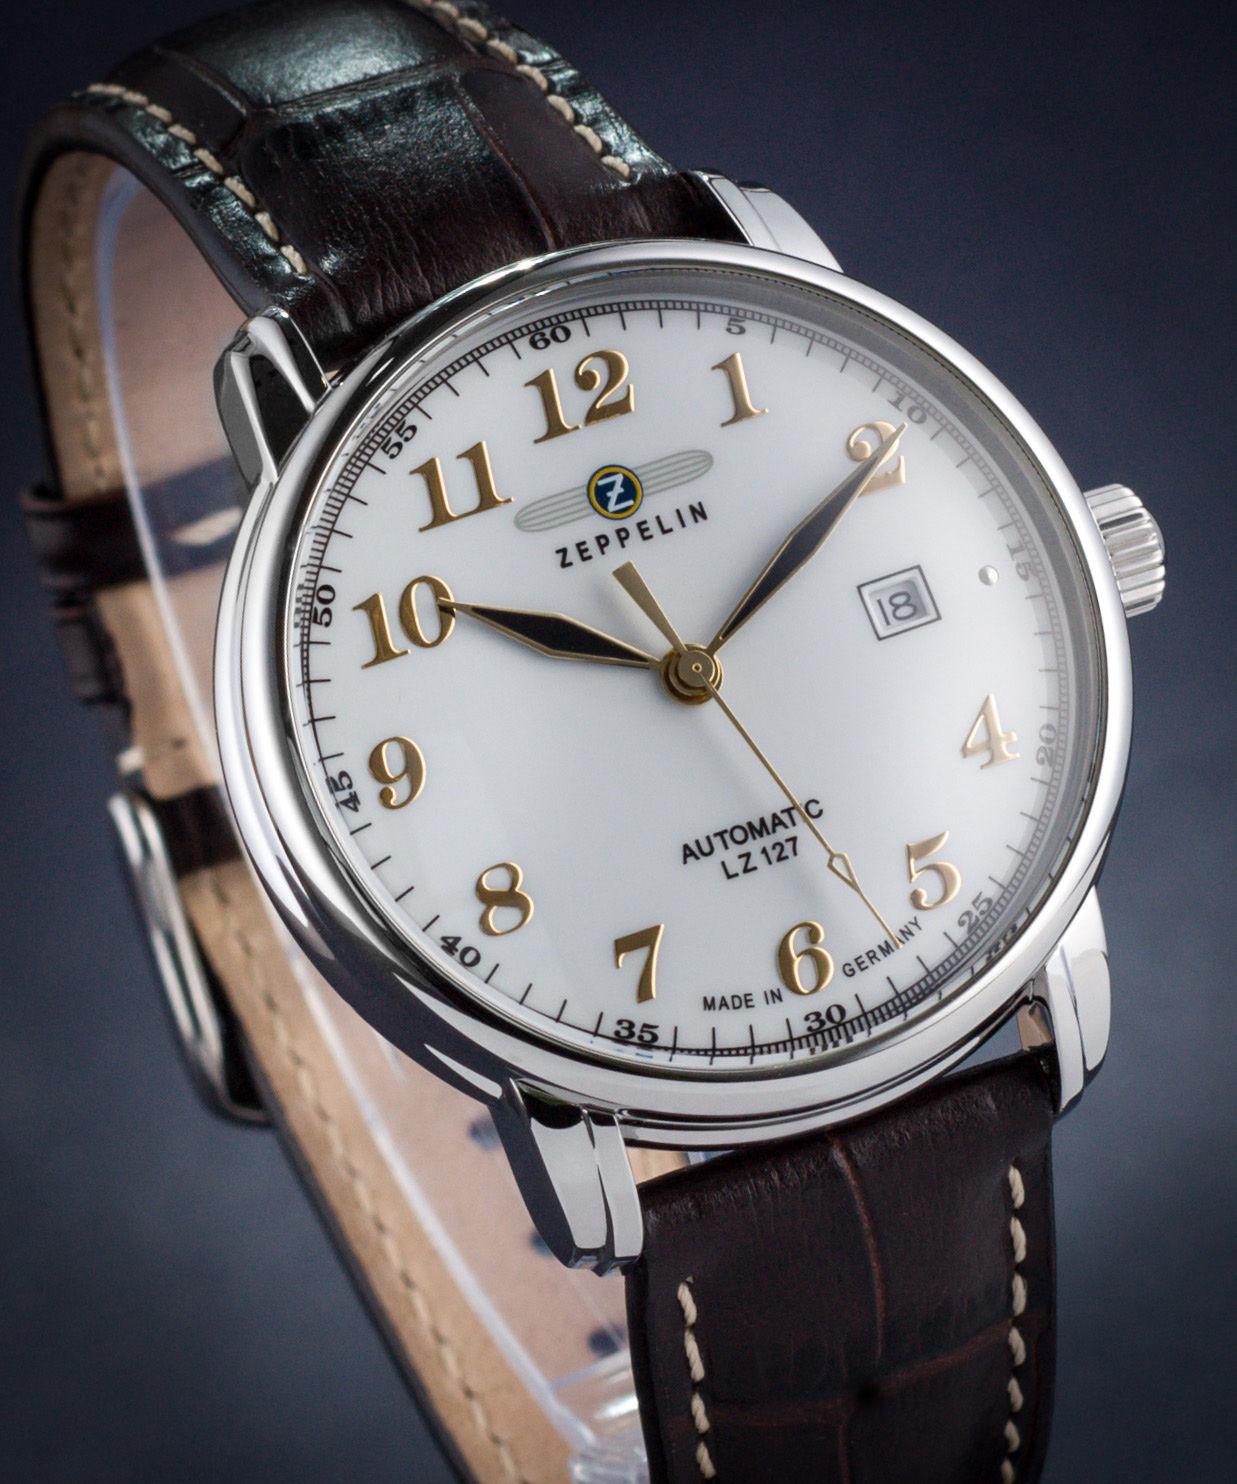 Zegarek męski Zeppelin LZ127